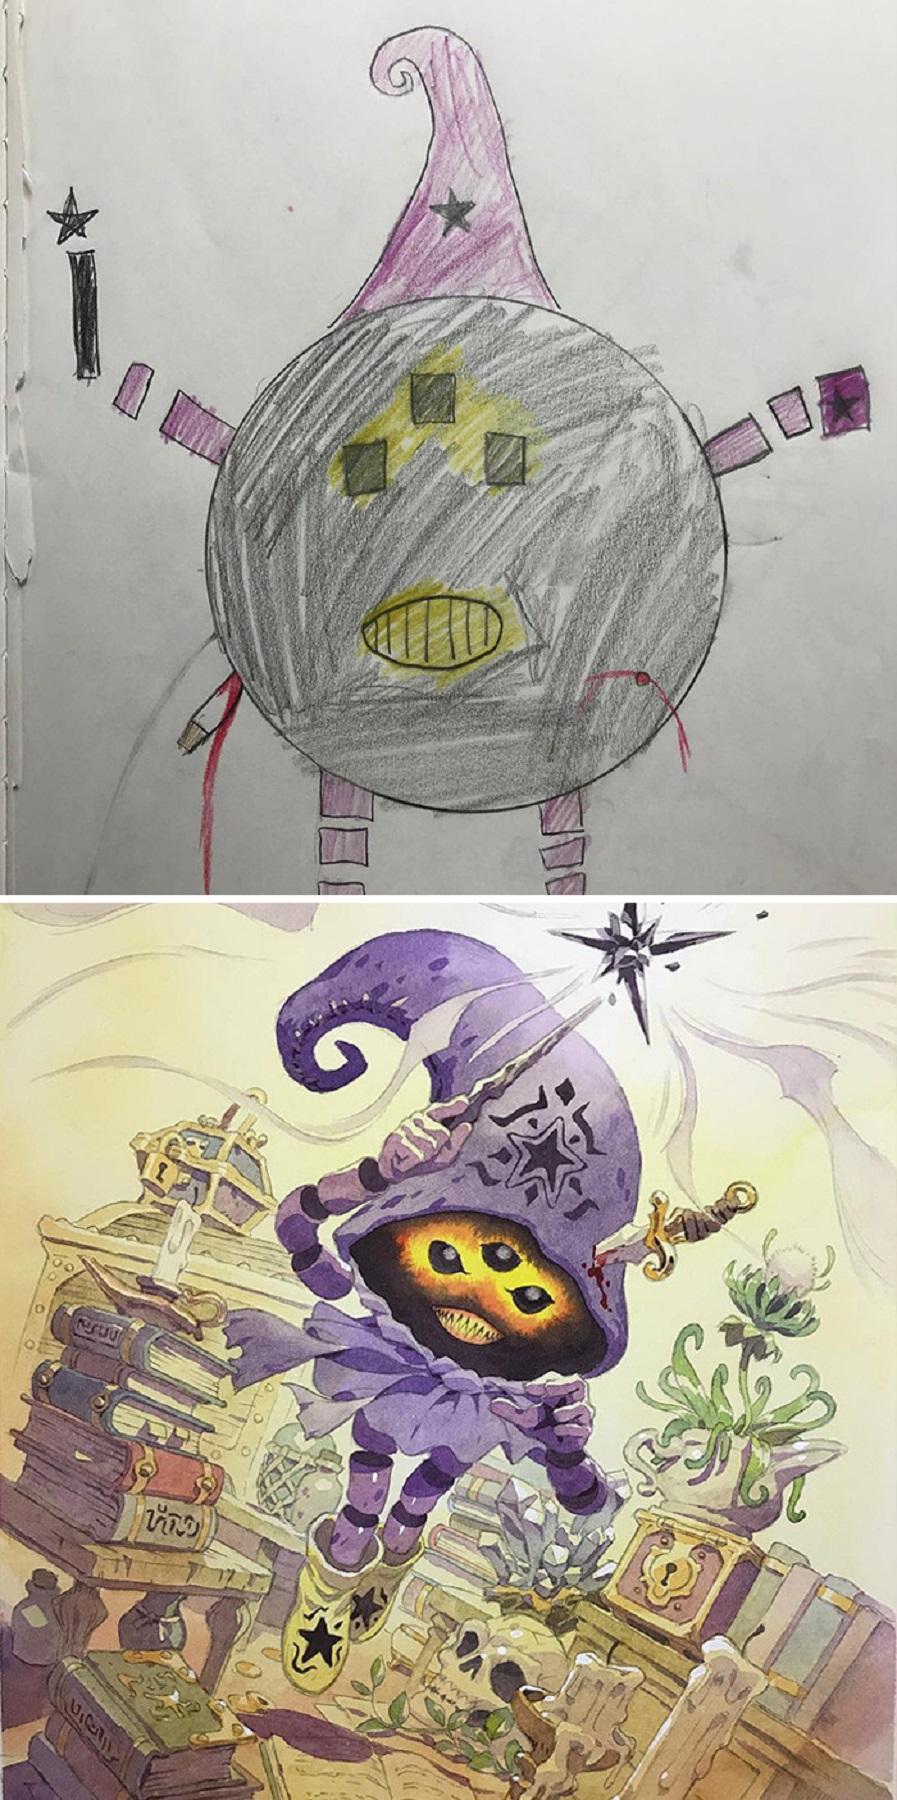 Thomas Romain artista frances transforma rabiscos em personagens de anime para incentivar lado artistico de seus filhos 10